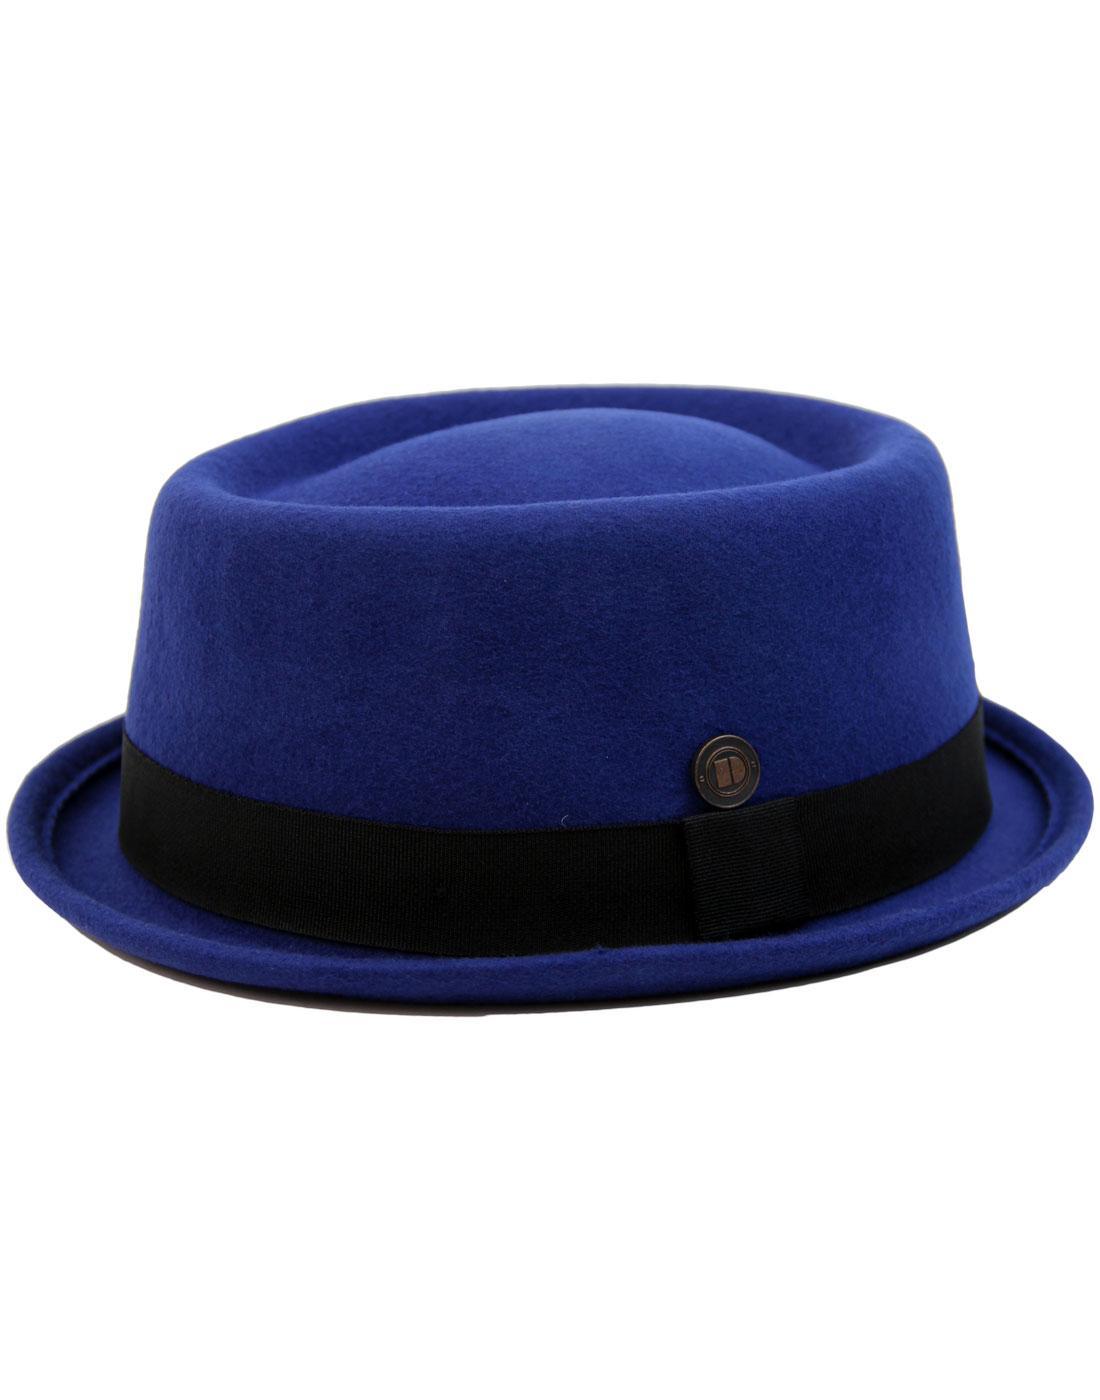 Jack DASMARCA Mod Revival Ska Porkpie Hat BLUE